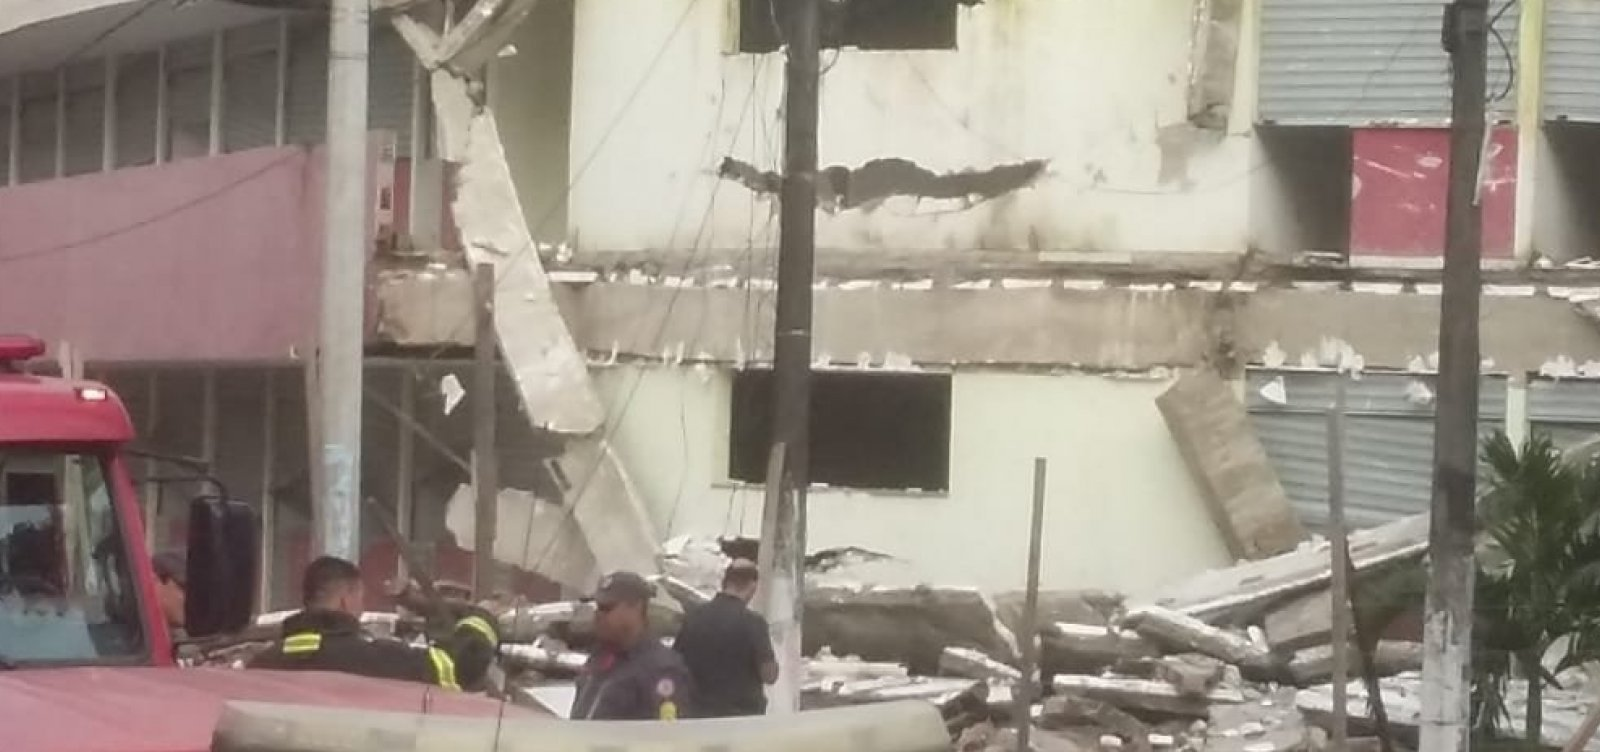 Prédio que abrigaria shopping em Itabuna terá que ser demolido, segundo perícia